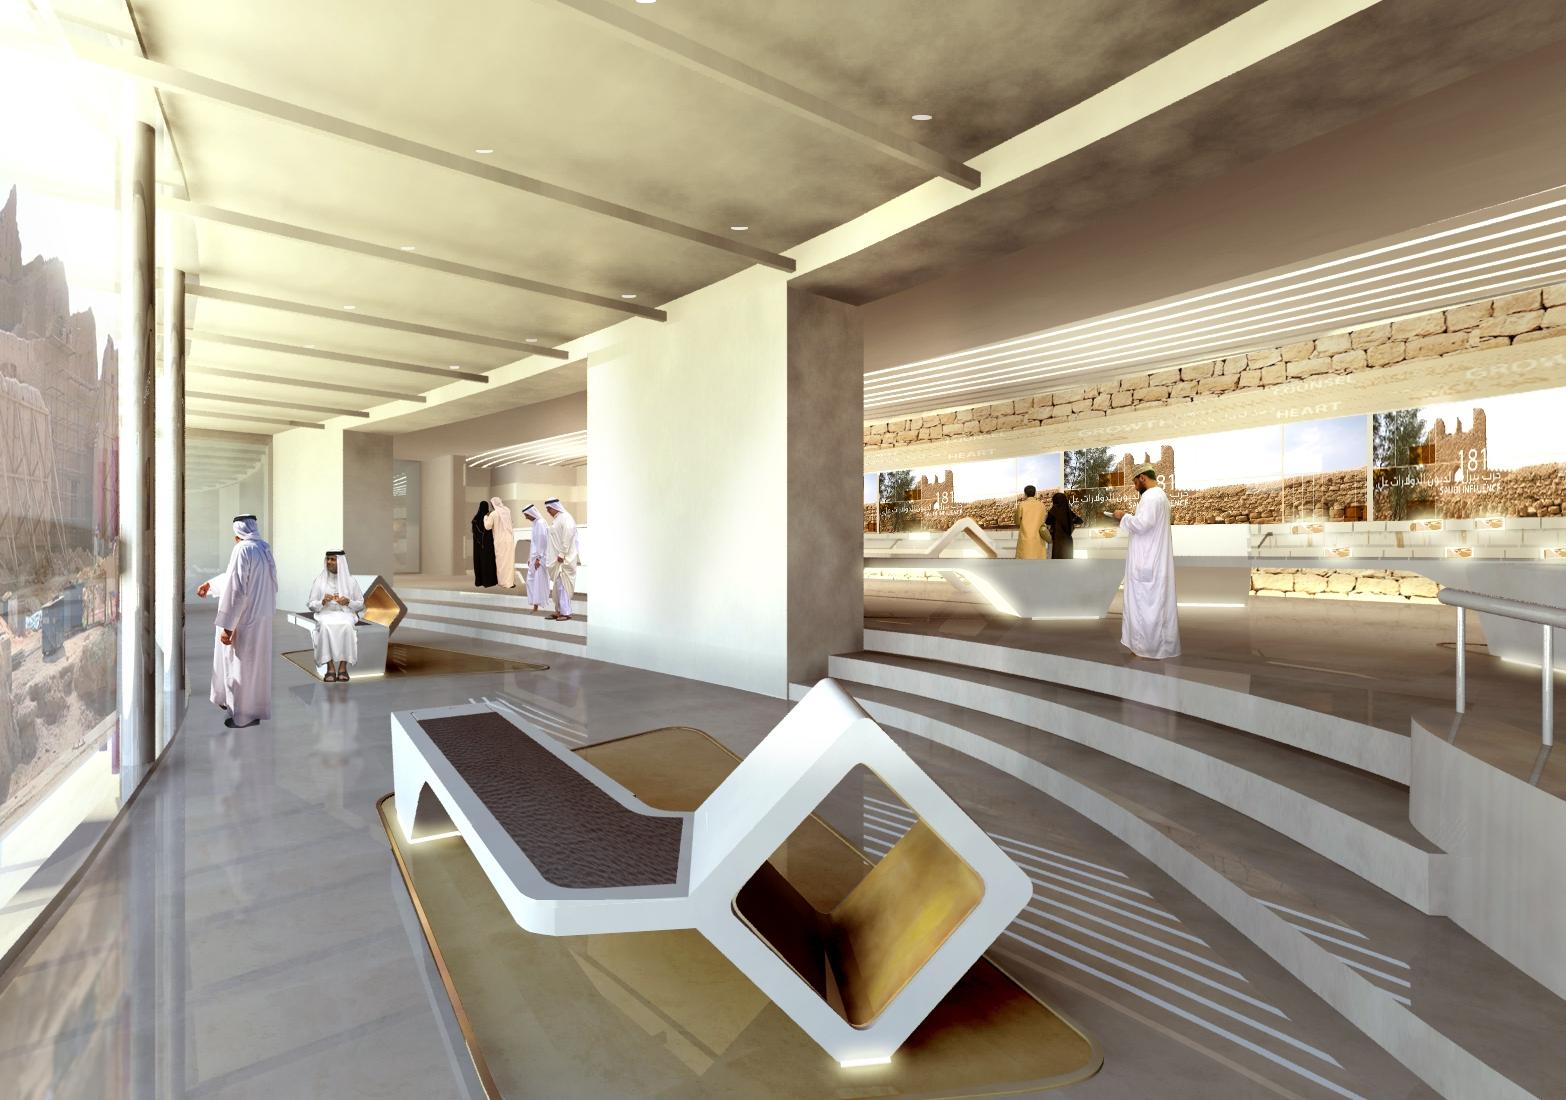 Atturaif Visitor Reception Centre   Saudi Arabia